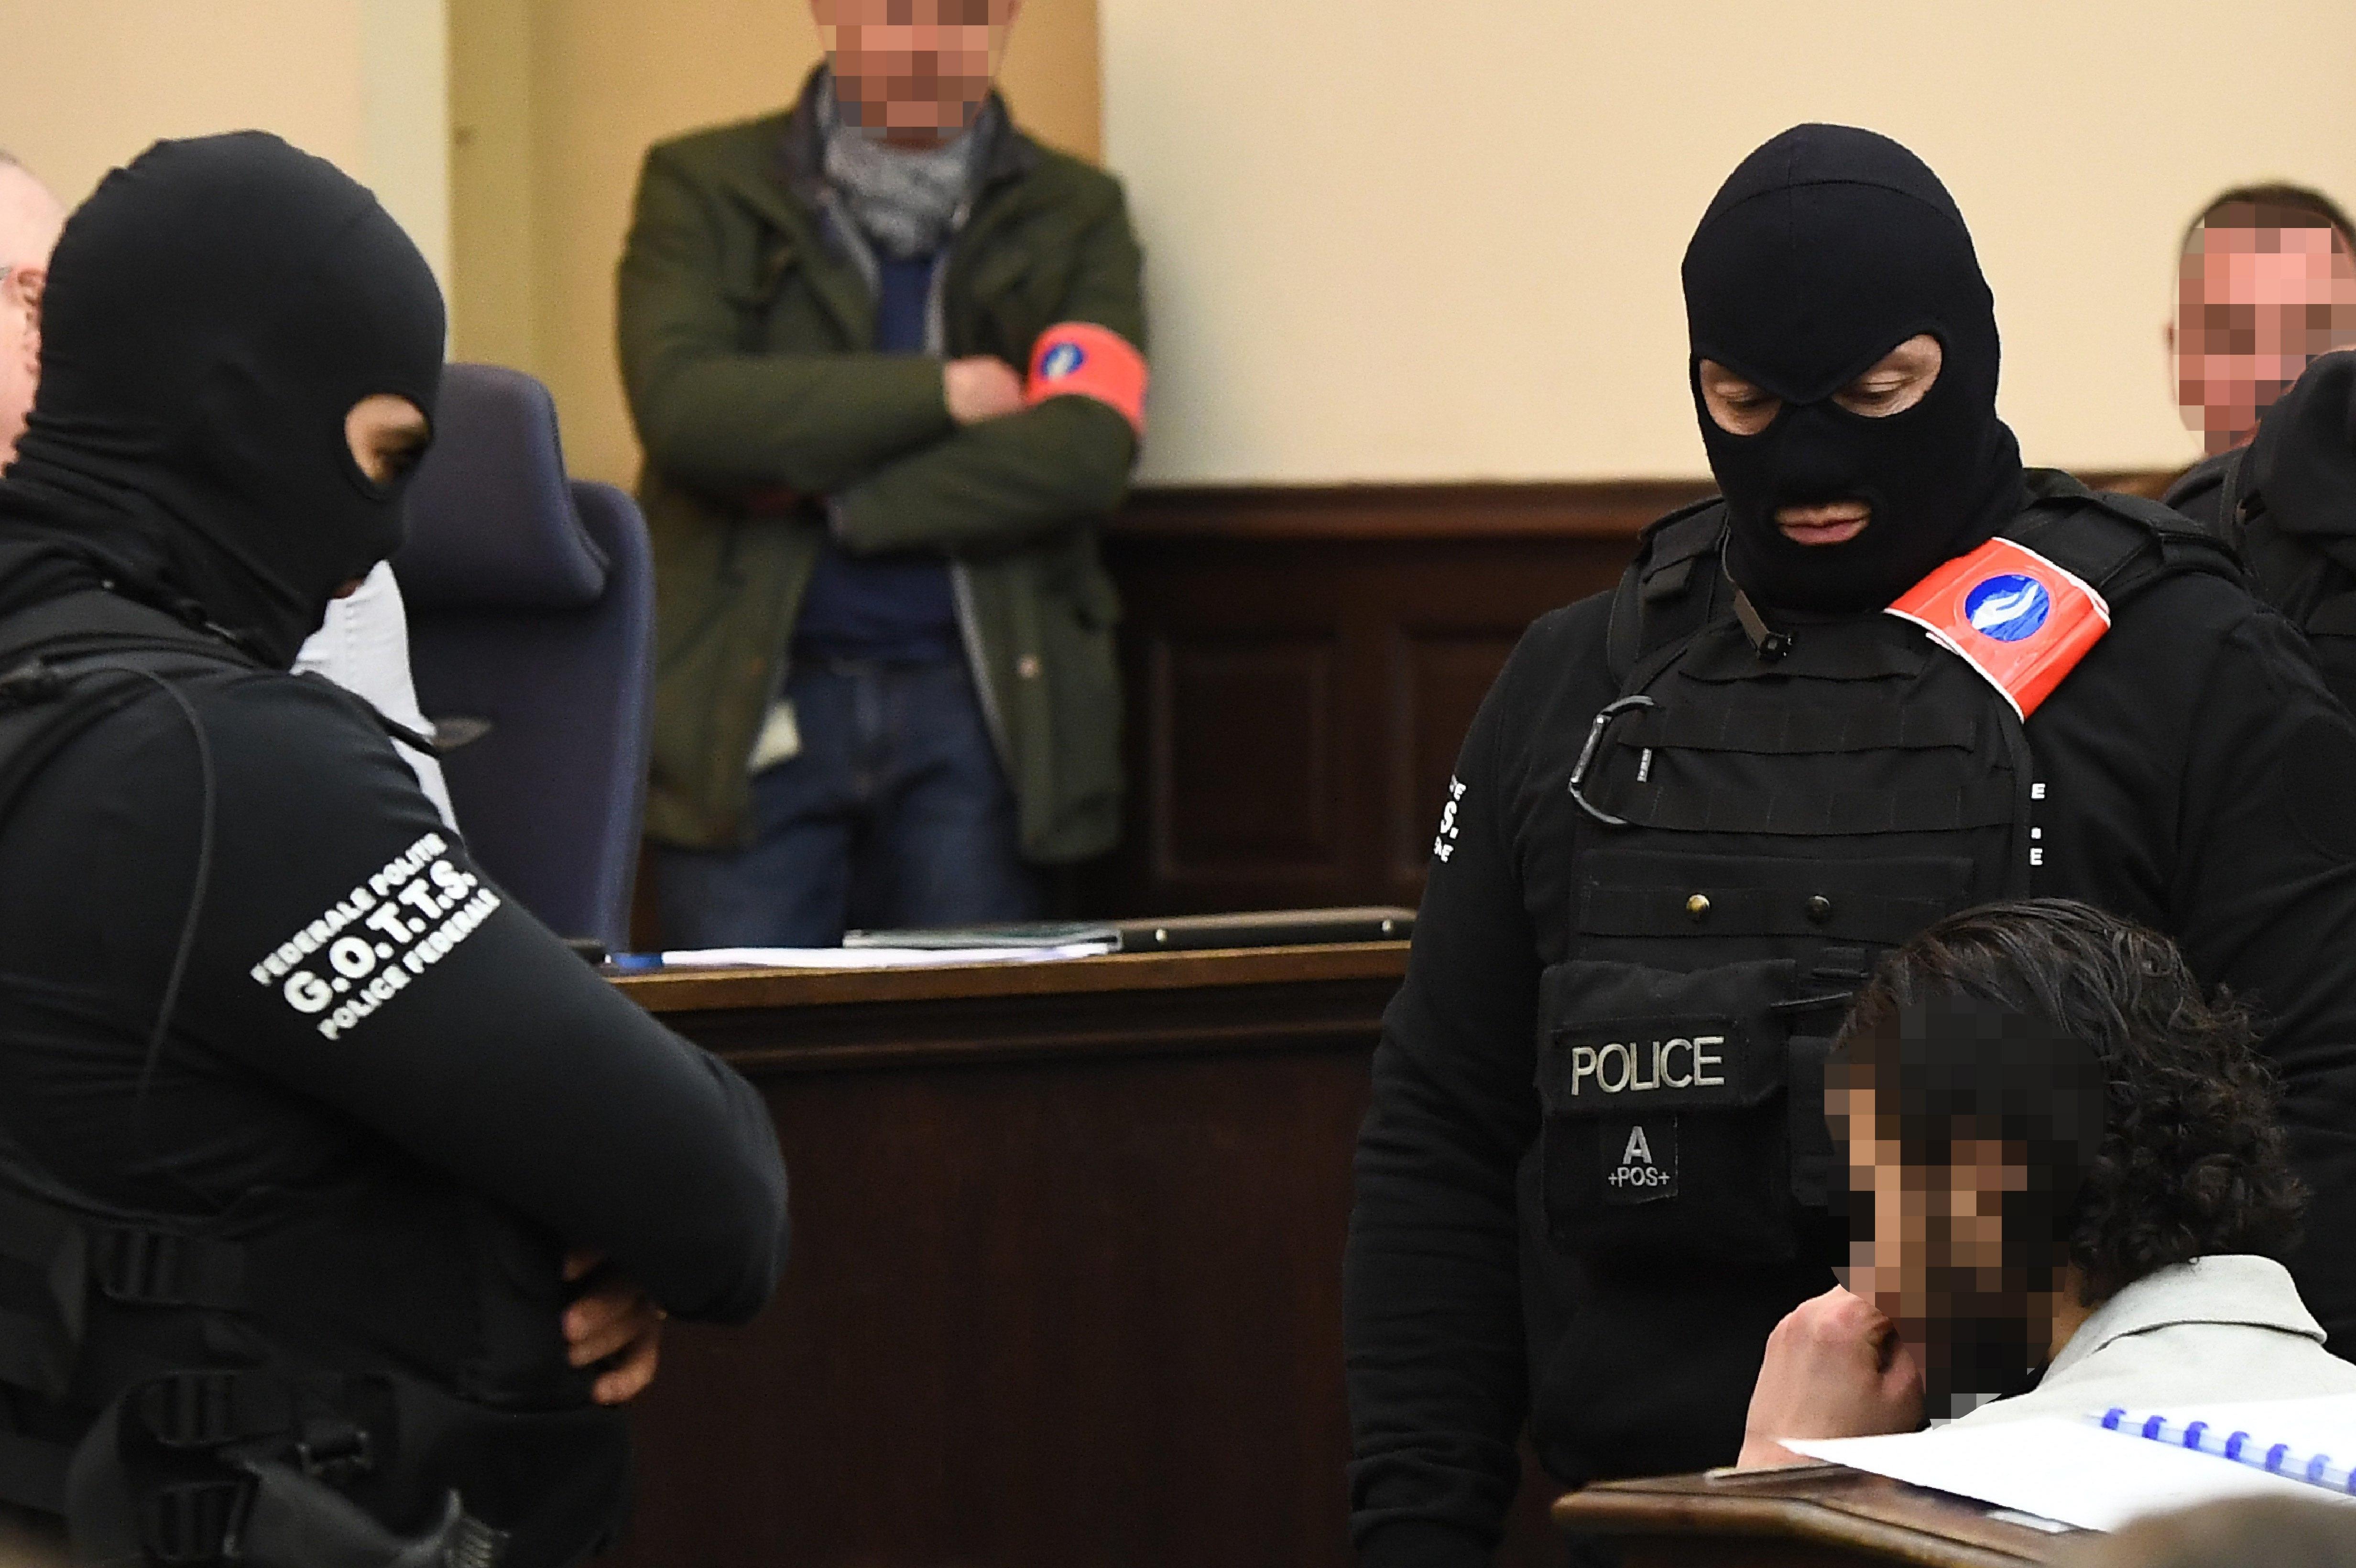 Salah Abdeslam condenado a 20 anos de prisão por tentativa de homícidio